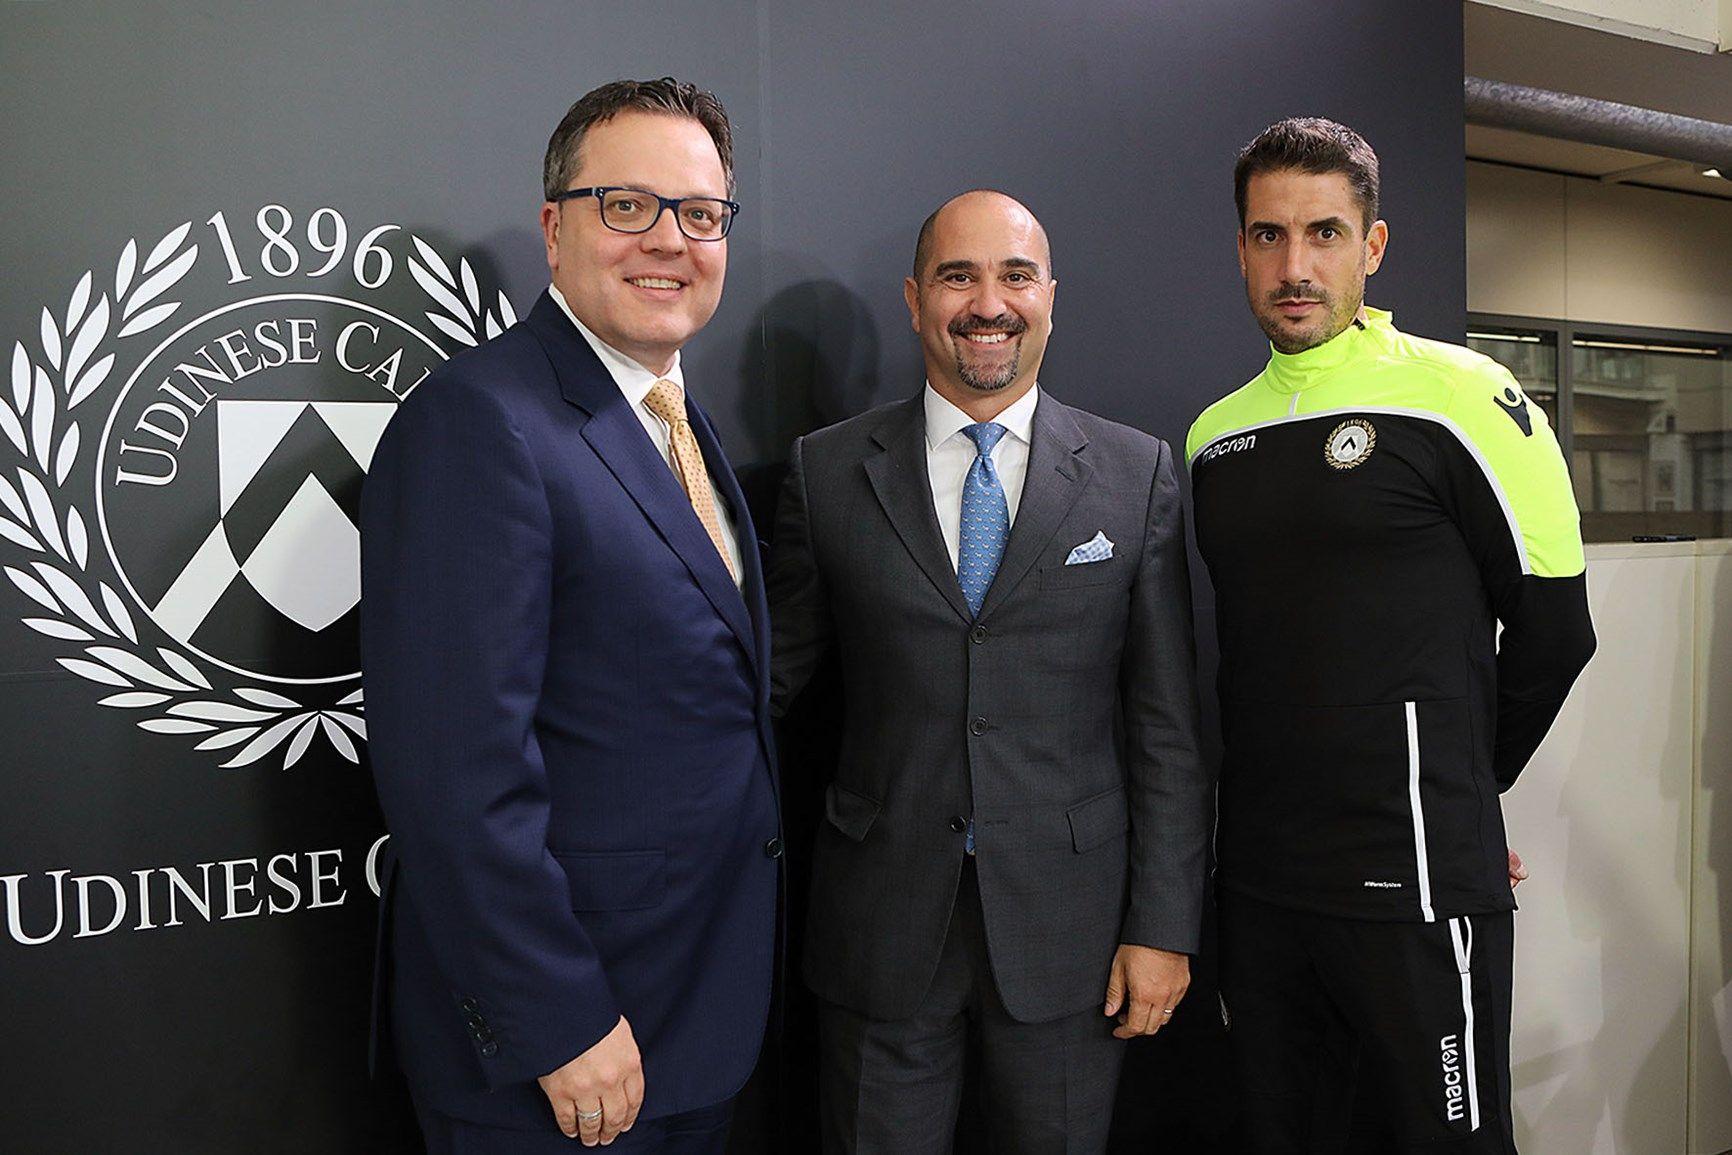 VORTICE e Udinese Calcio: l'avventura continua